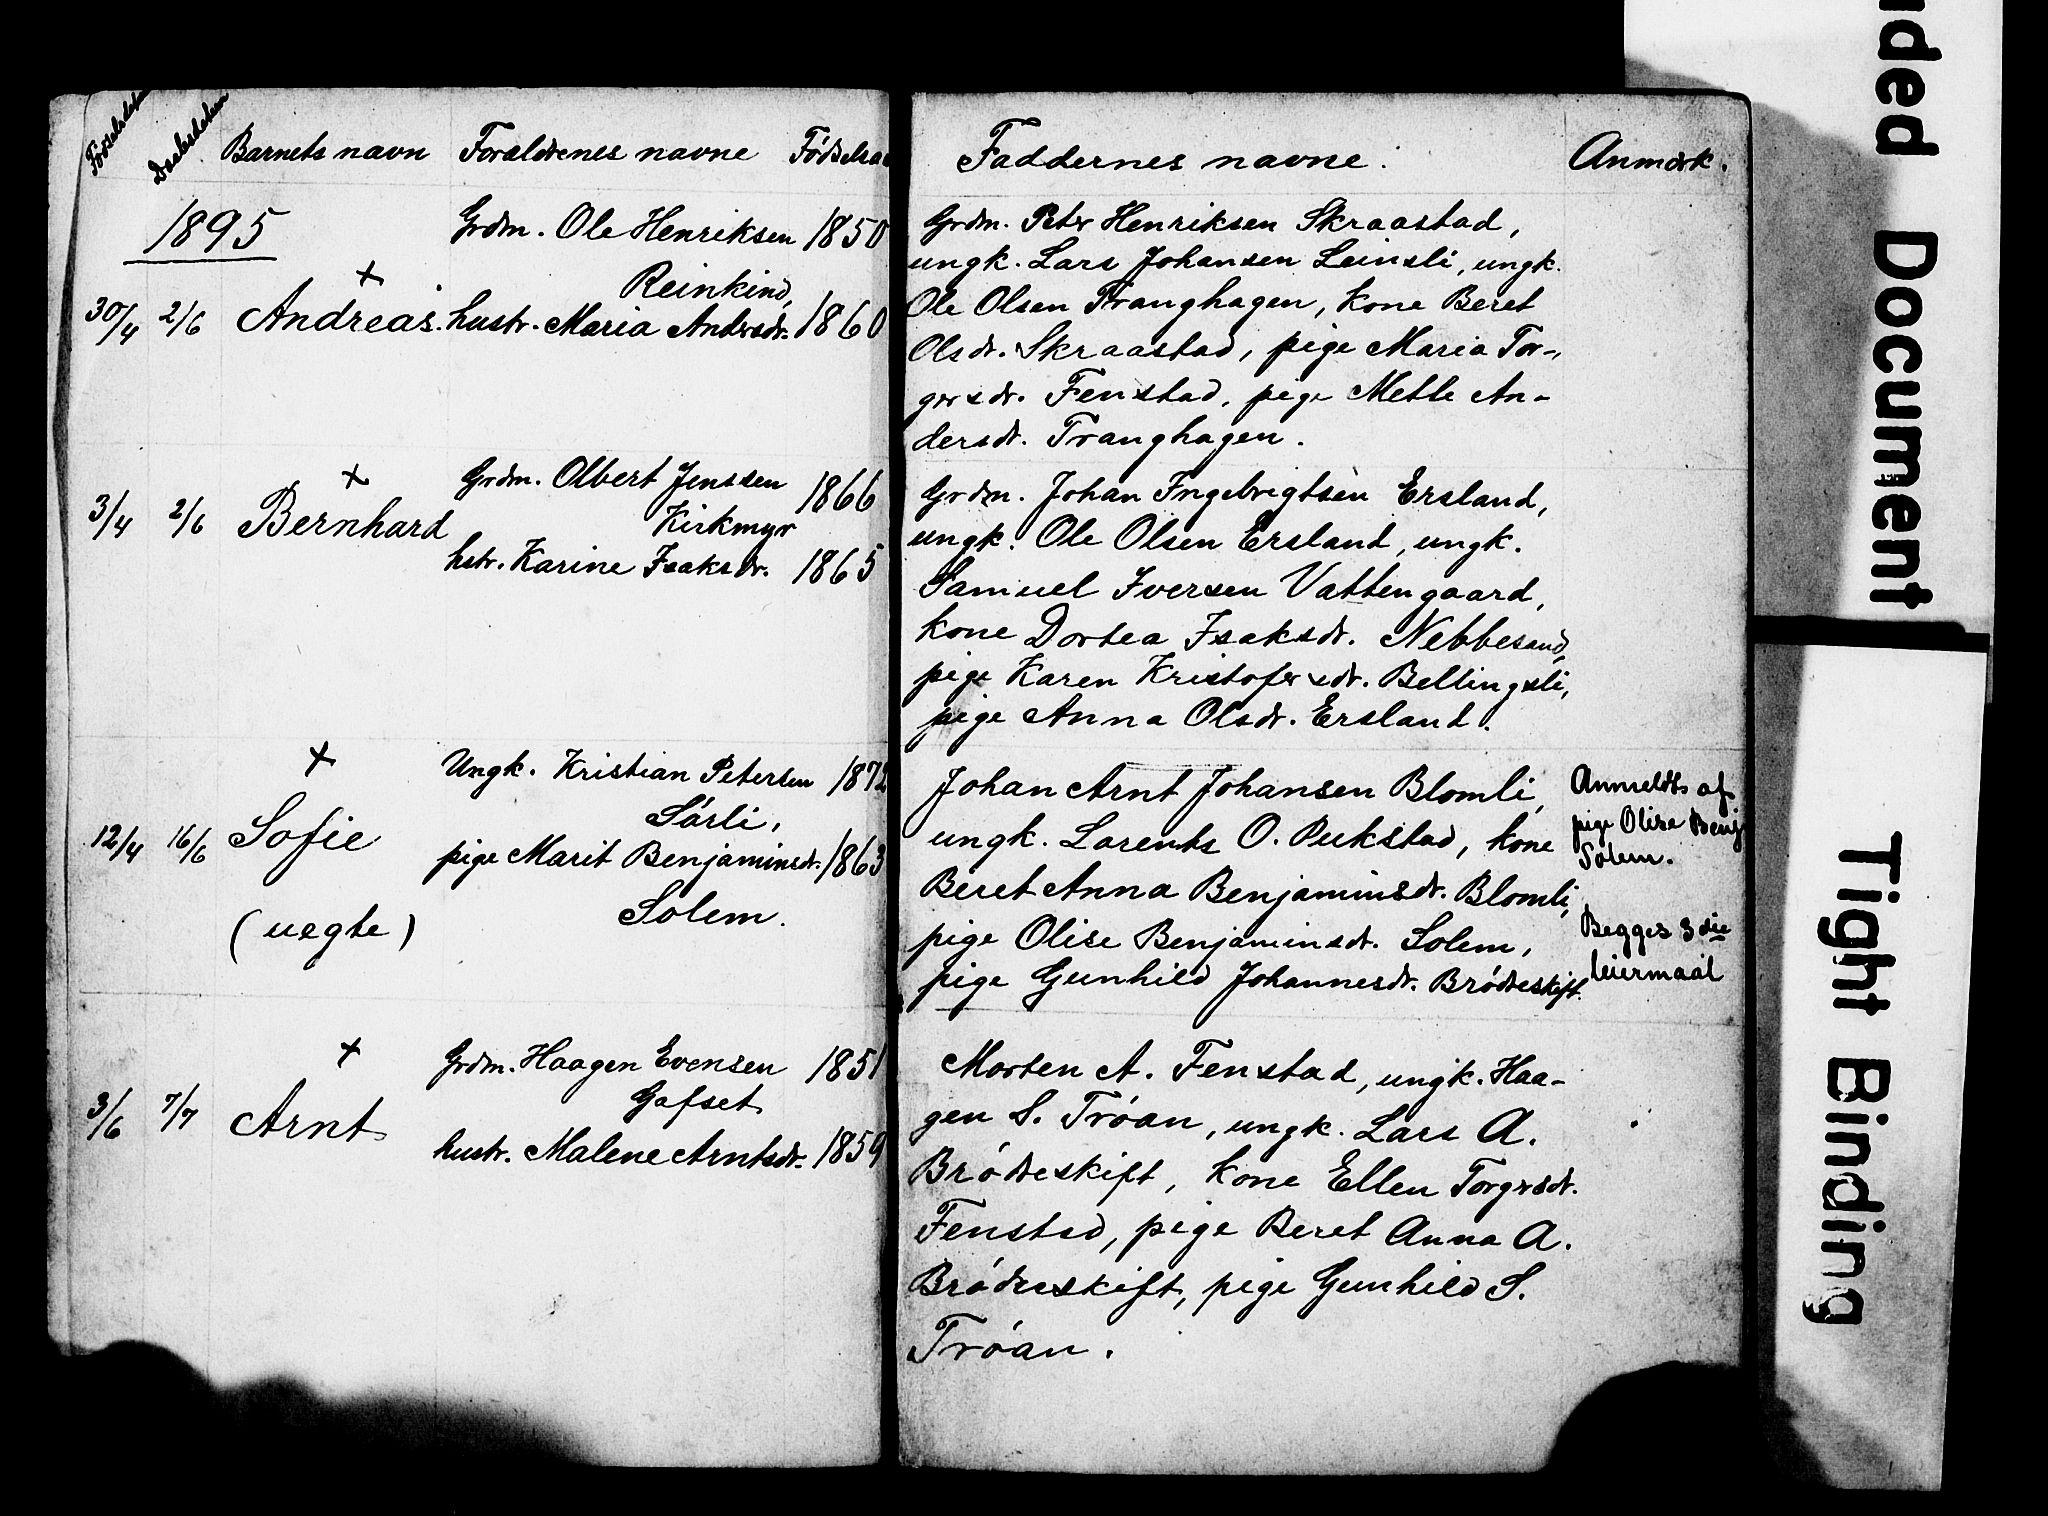 SAT, Ministerialprotokoller, klokkerbøker og fødselsregistre - Sør-Trøndelag, 646/L0630: Klokkerbok nr. 646C03, 1895-1905